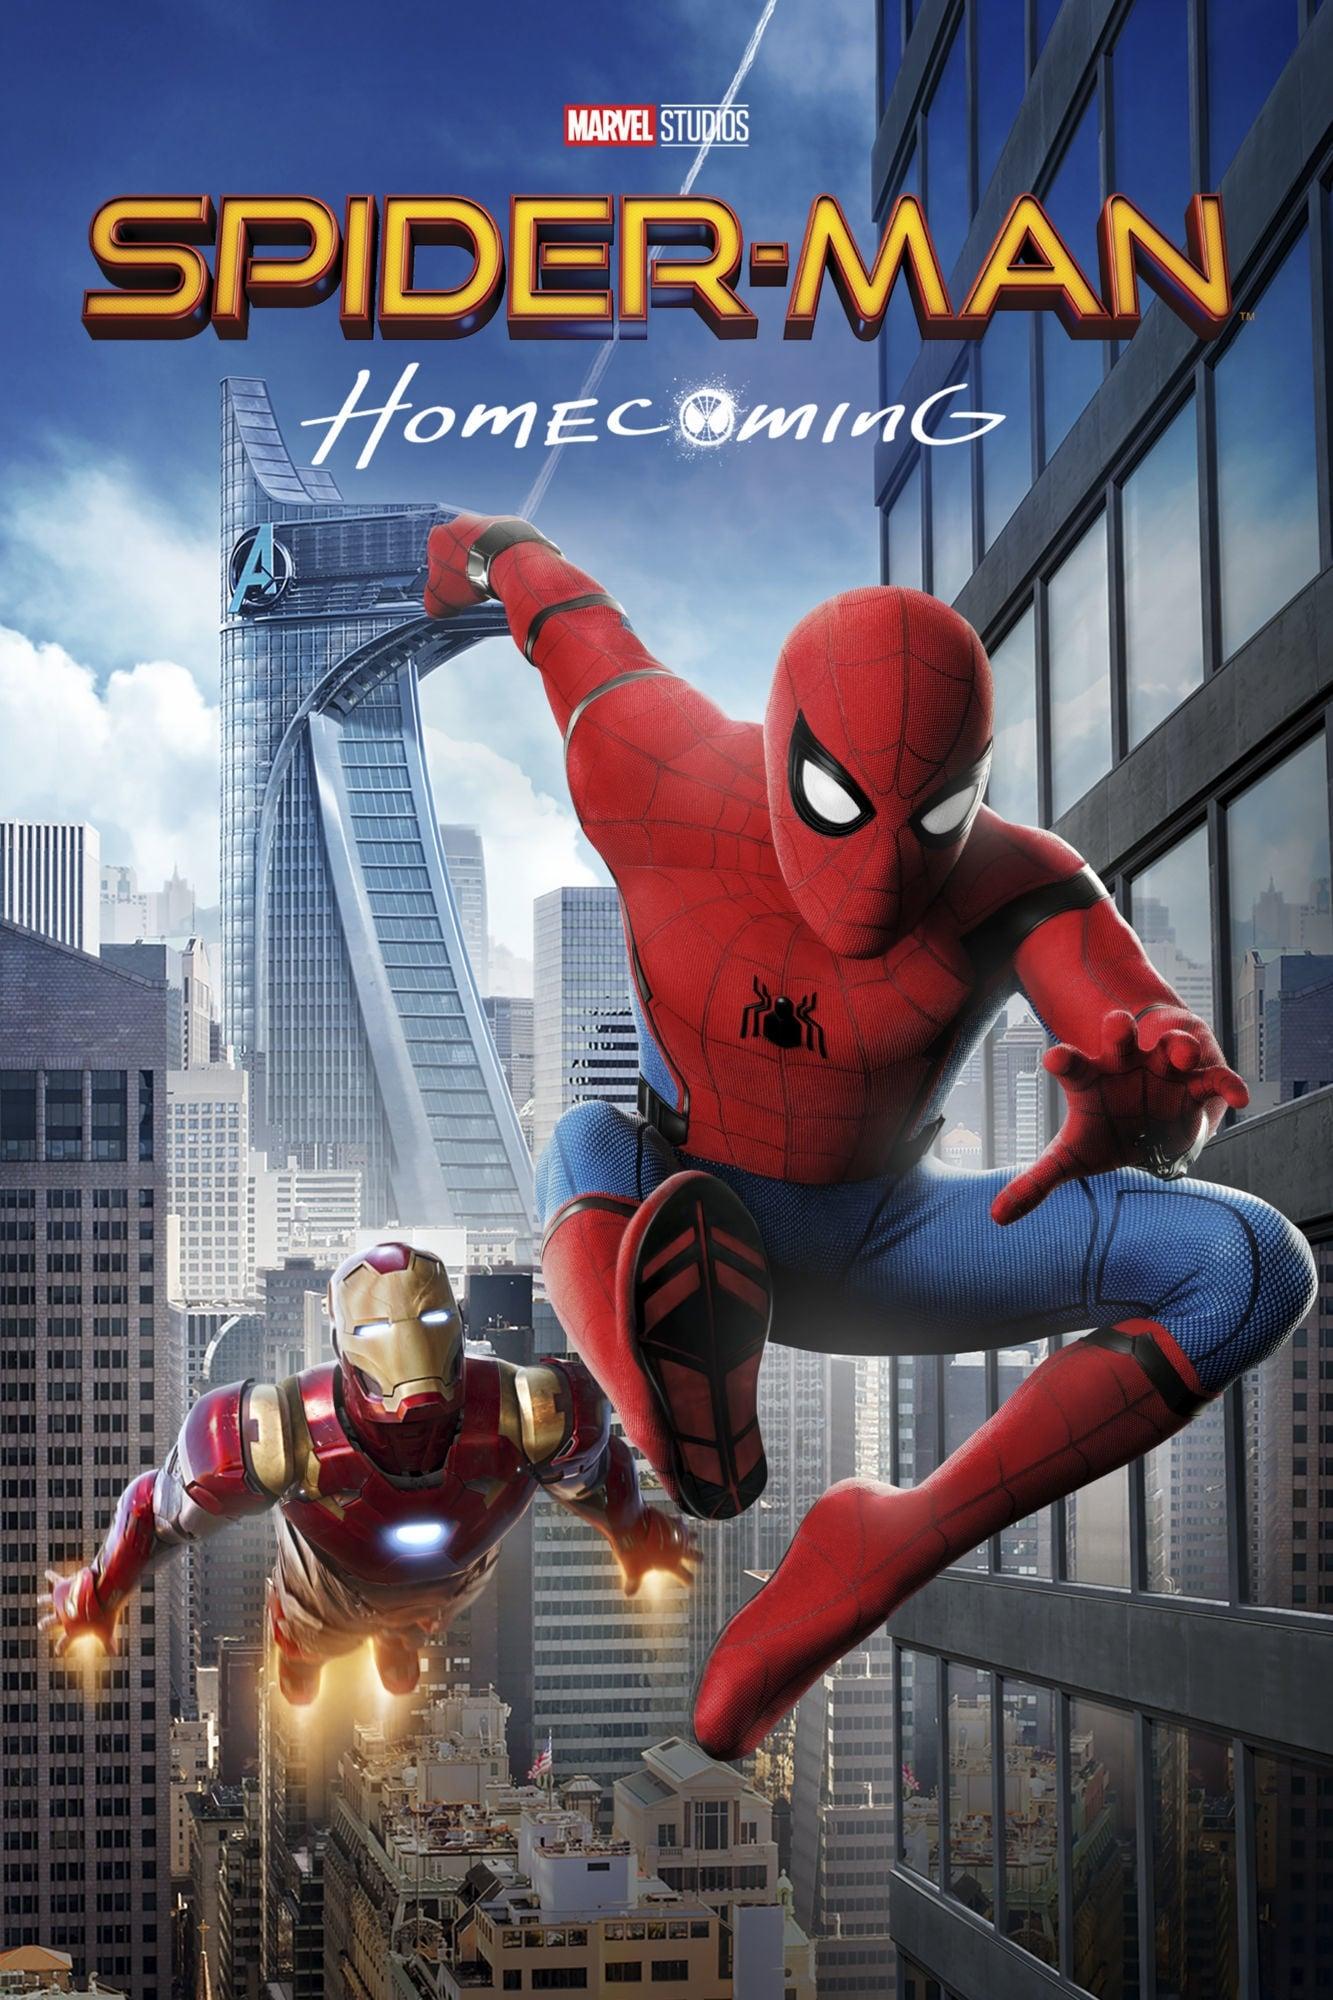 spiderman homecoming 2017 gratis films kijken met